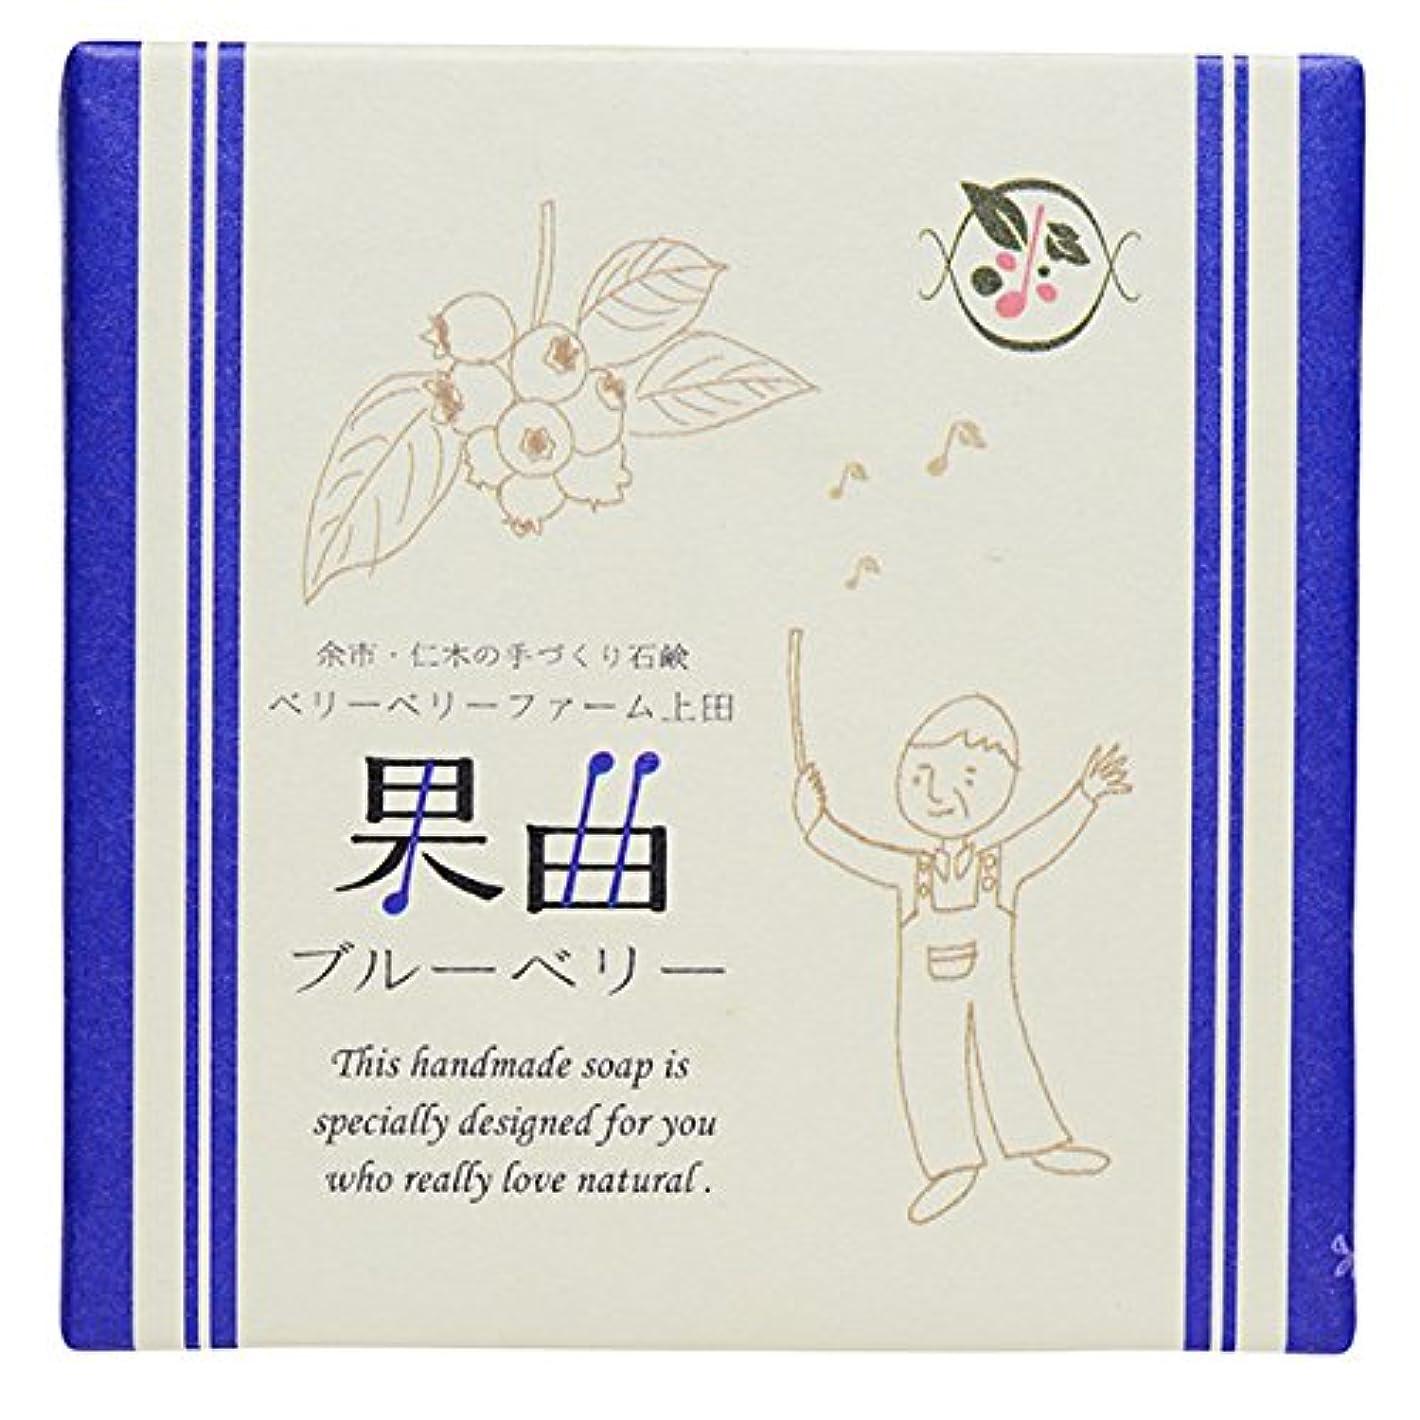 要求する焦げ急性余市町仁木のベリーベリーファーム上田との共同開発 果曲(ブルーベリー)純練り石鹸